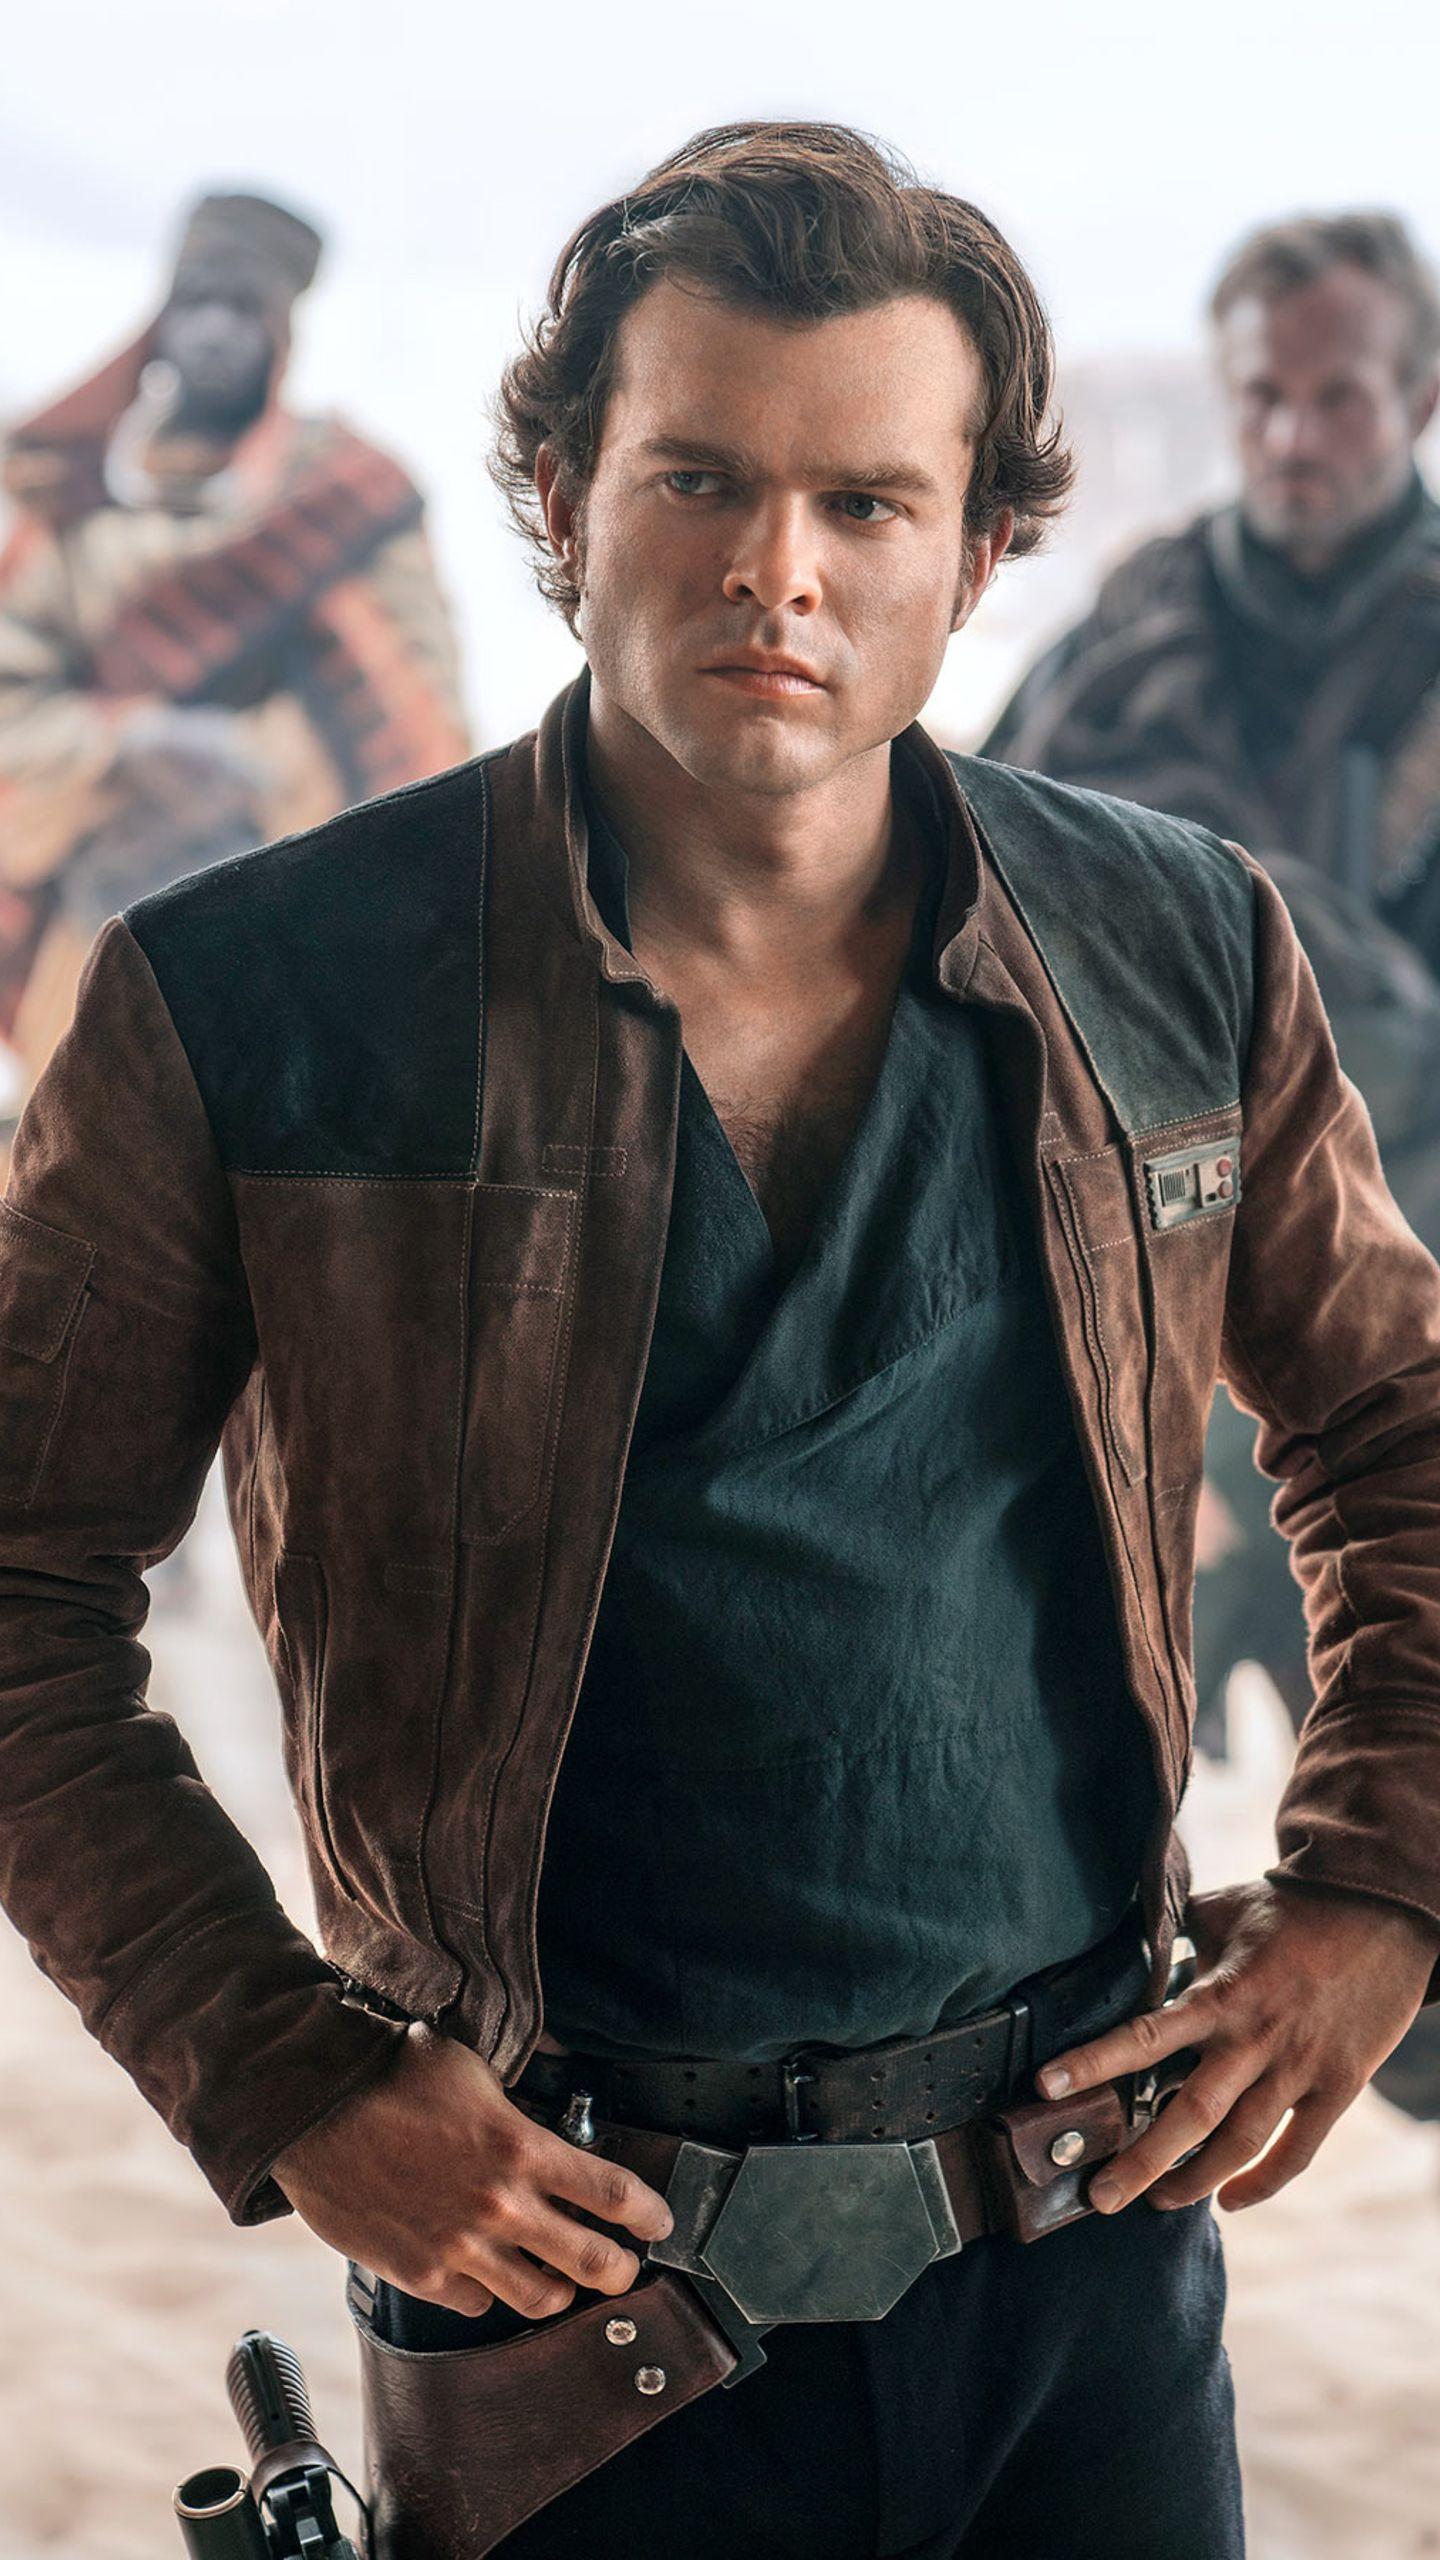 A Star Wars Story Han Solo Alden Ehrenreich Jacket Star Wars Outfits Star Wars Movie Alden Ehrenreich [ 2560 x 1440 Pixel ]